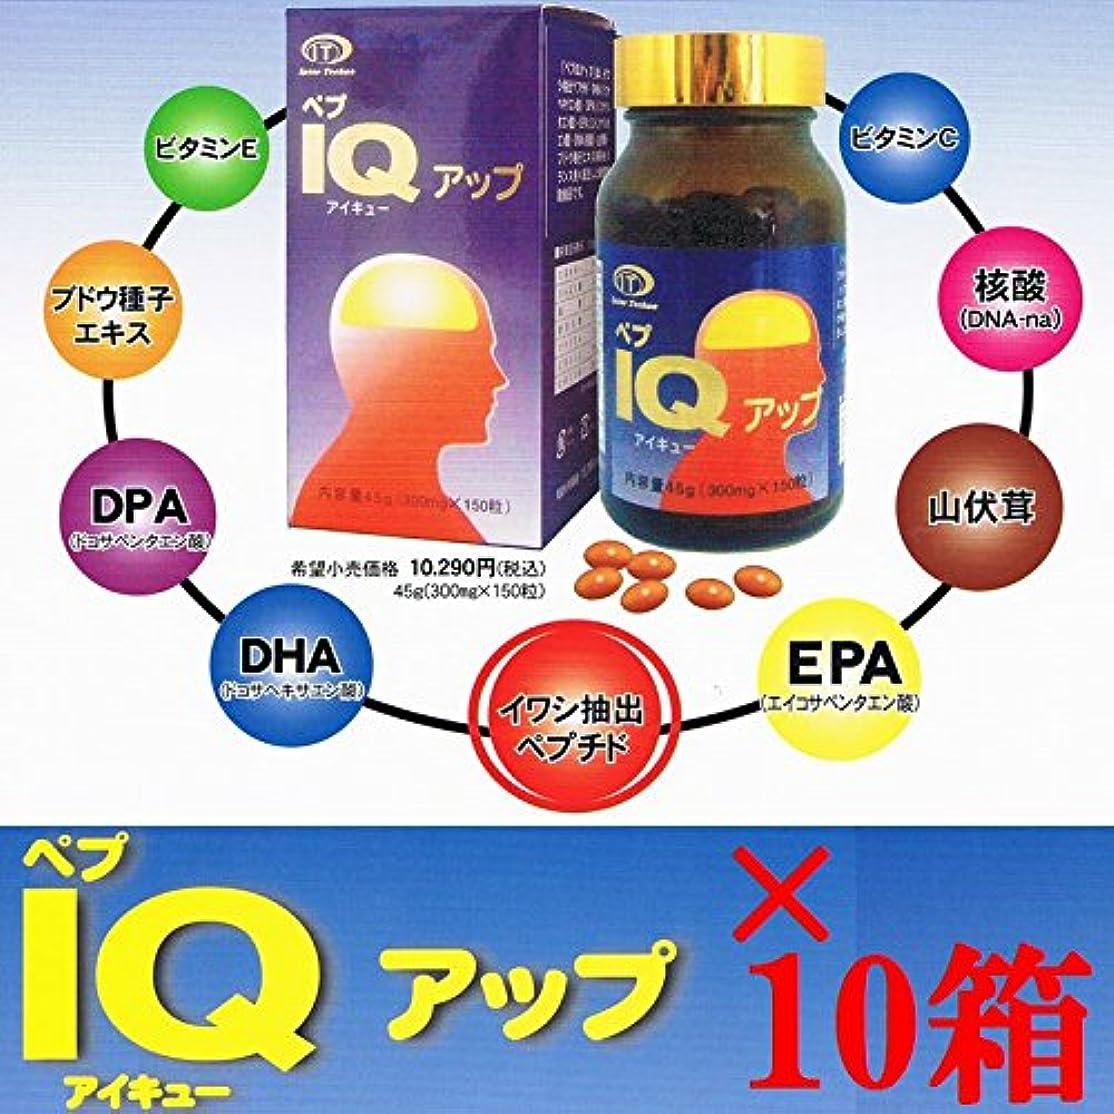 持っている取り除く第二ペプIQアップ 150粒 ×超お得10箱セット 《記憶?思考、DHA、EPA》